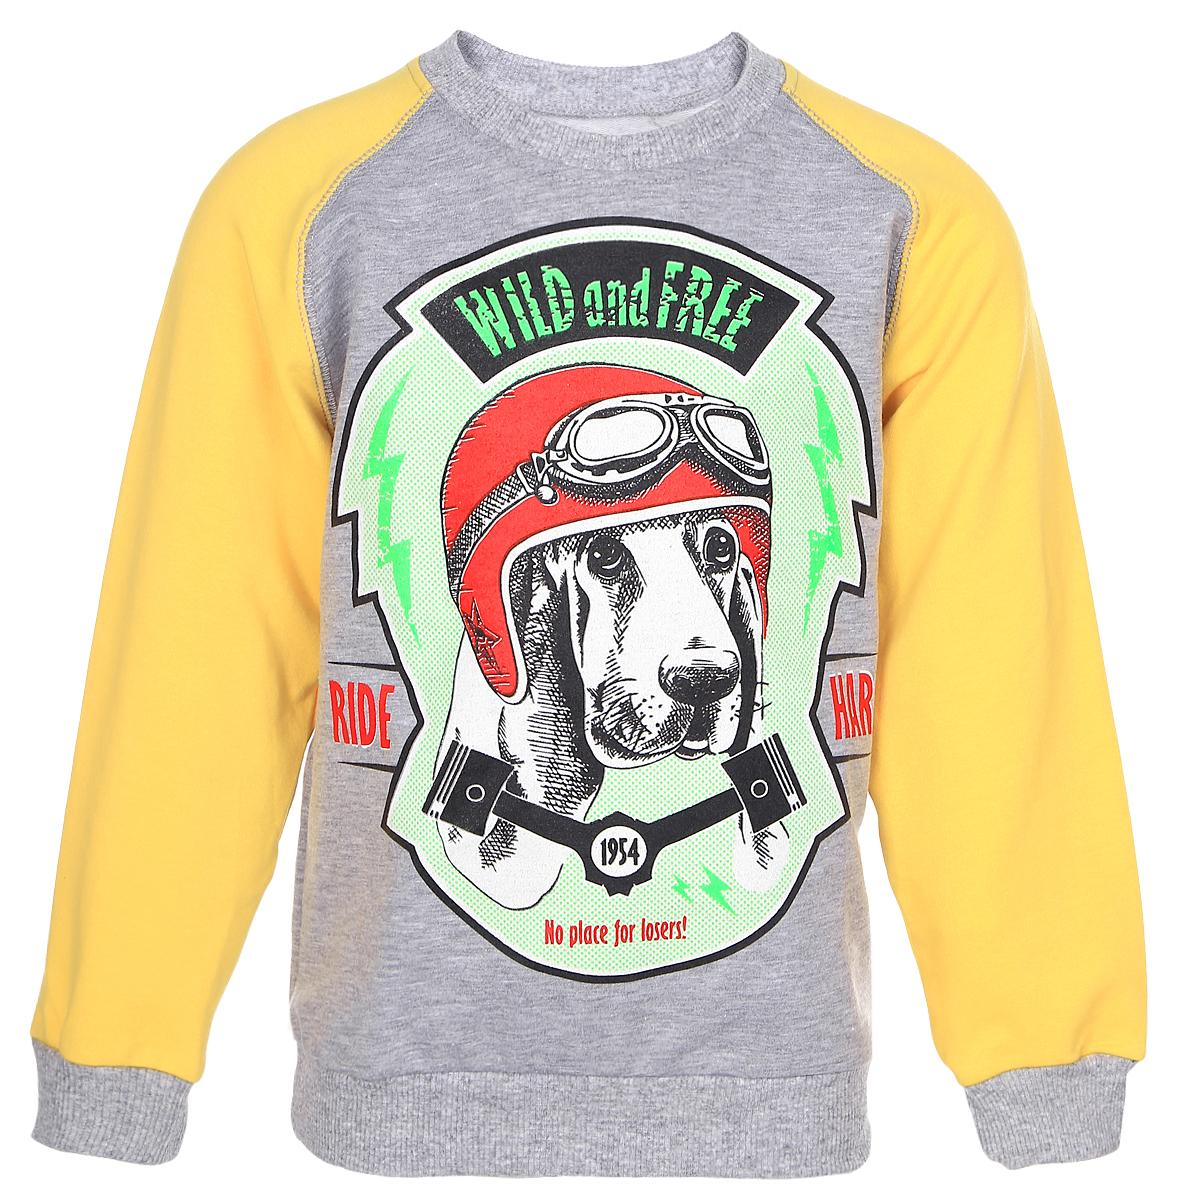 Свитшот для мальчика M&D, цвет: серый меланж, желтый, салатовый. D202MS. Размер 116D202MSСвитшот для мальчика M&D с длинными рукавами-реглан и круглым вырезом горловины выполнен из полиэстера с добавлением хлопка . Изделие украшено крупным принтом с изображением собаки в шлеме с очками и дополнено надписью Wild and Free. Ride Hard..